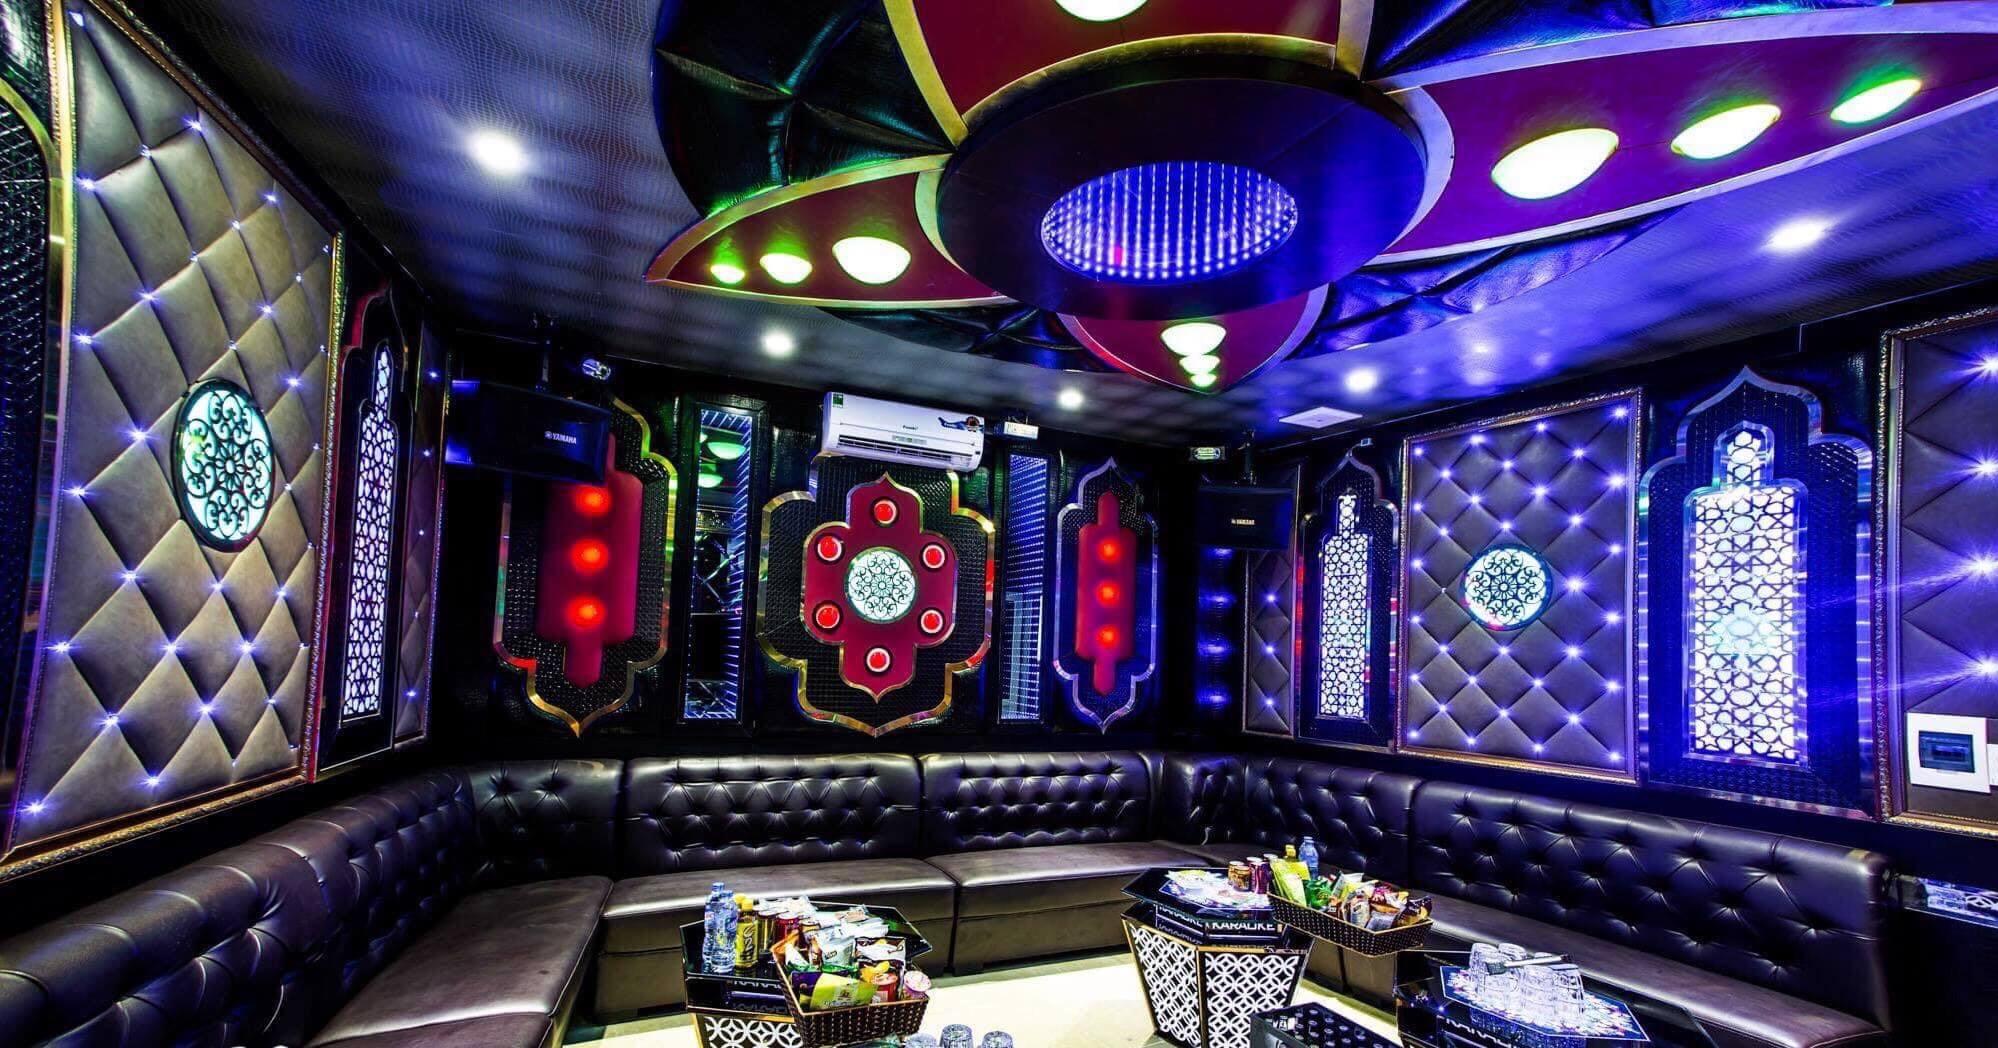 Thiết Kế Đèn Trang Trí Cho Nội Thất Karaoke